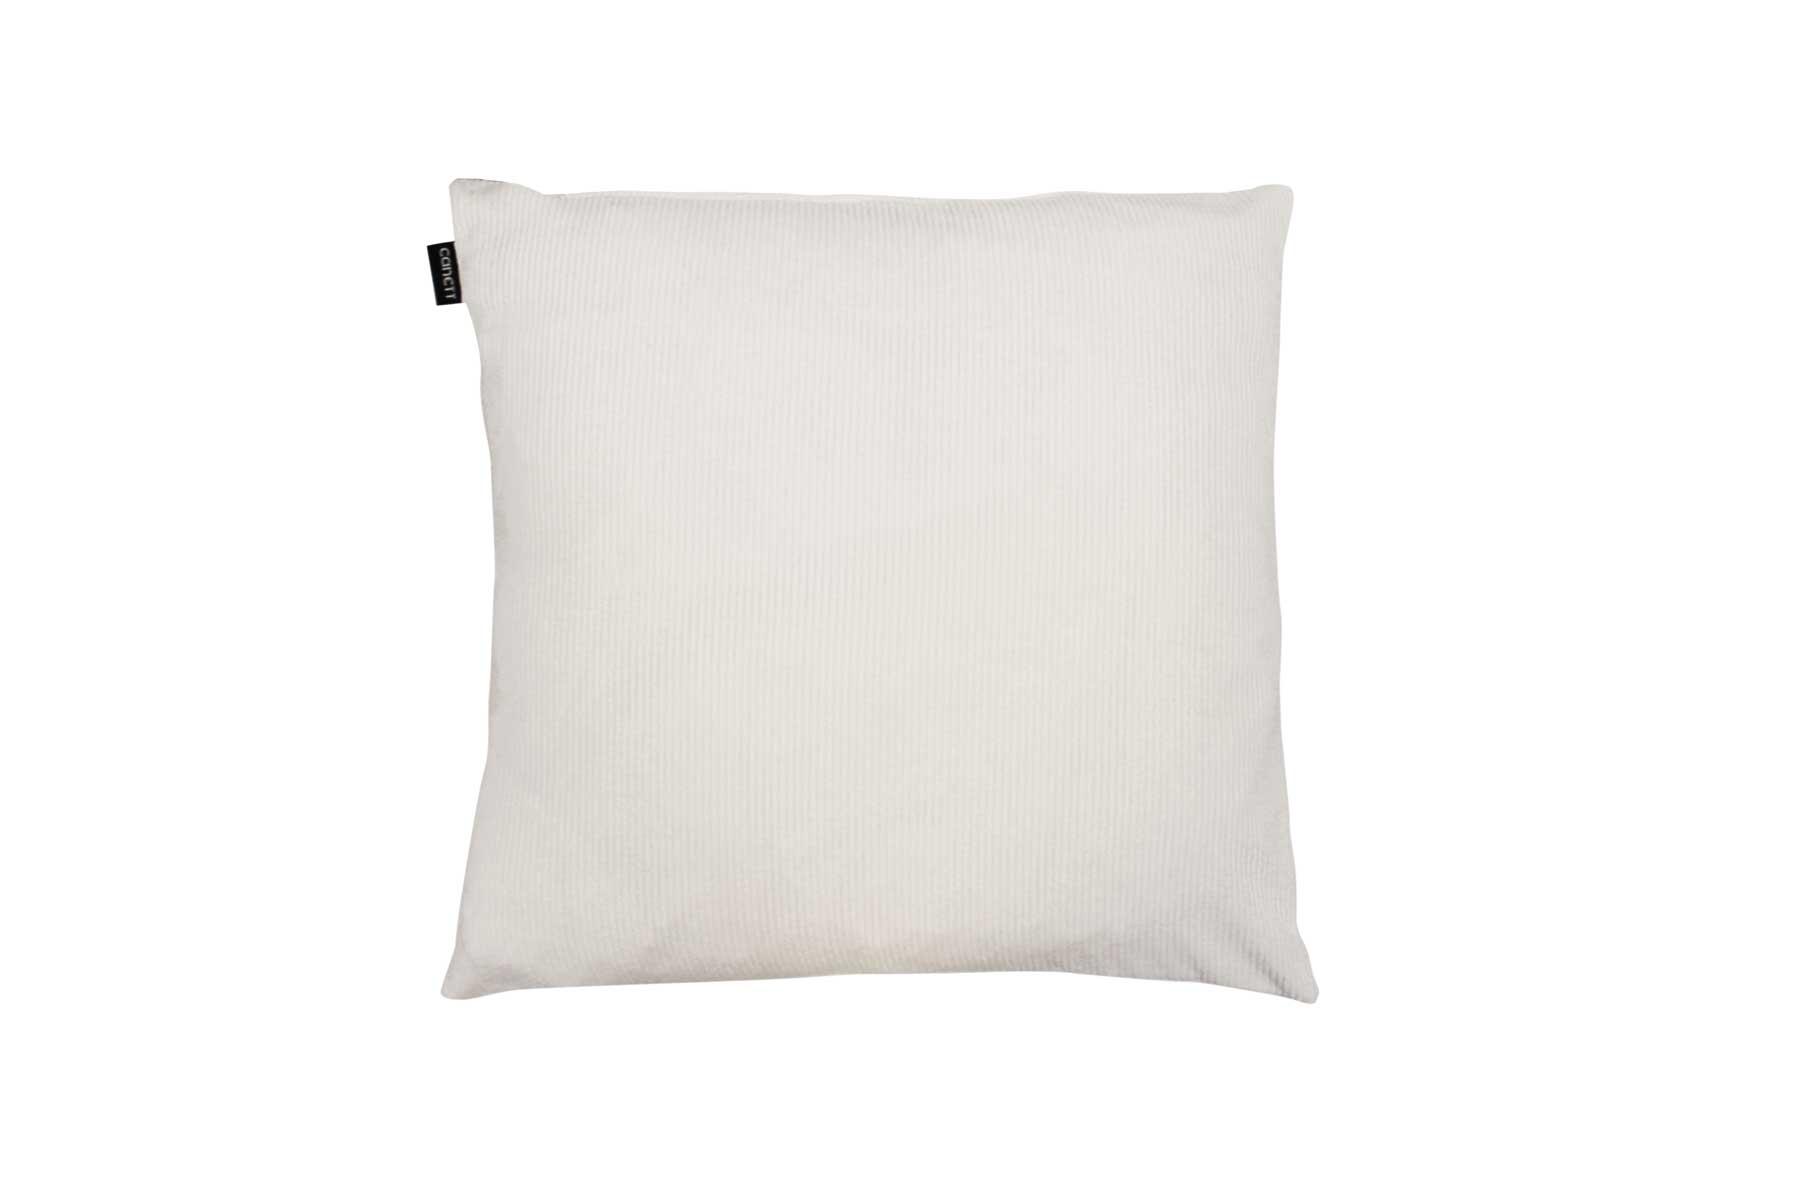 Billede af Unic sofapude, off-white